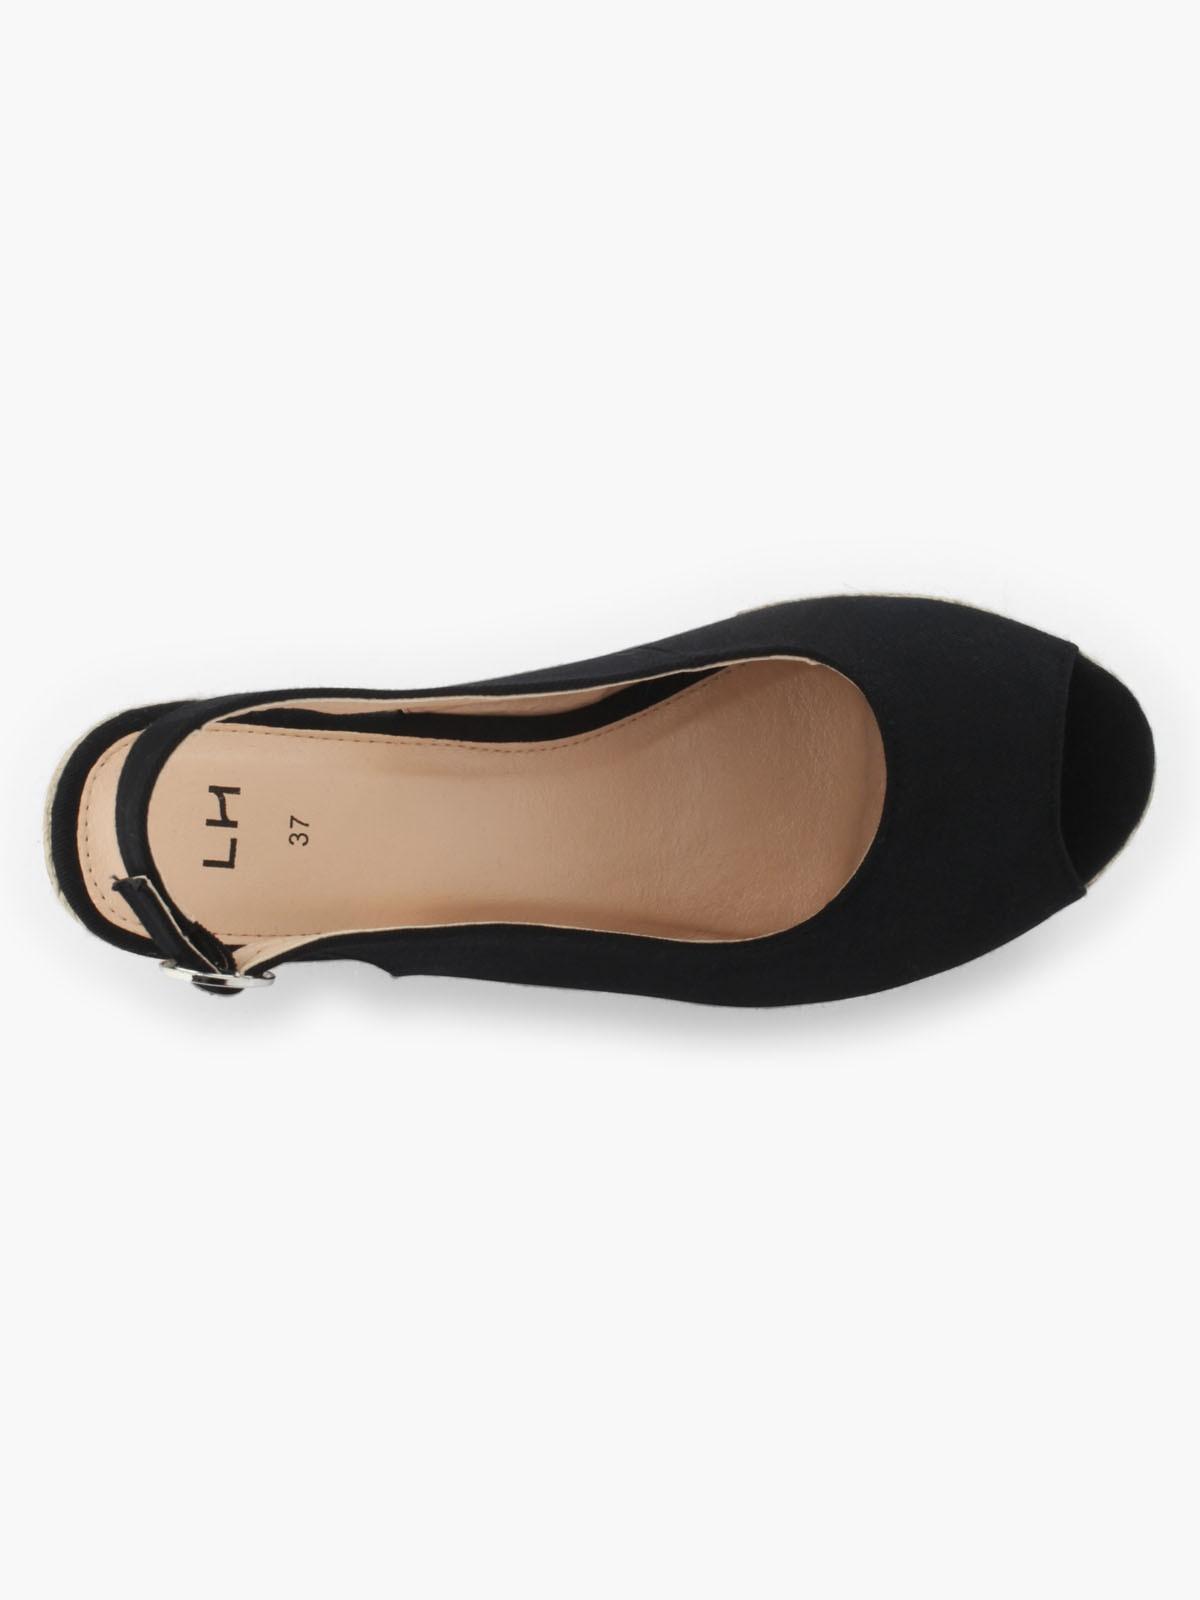 Chaussures compensées noires la halle